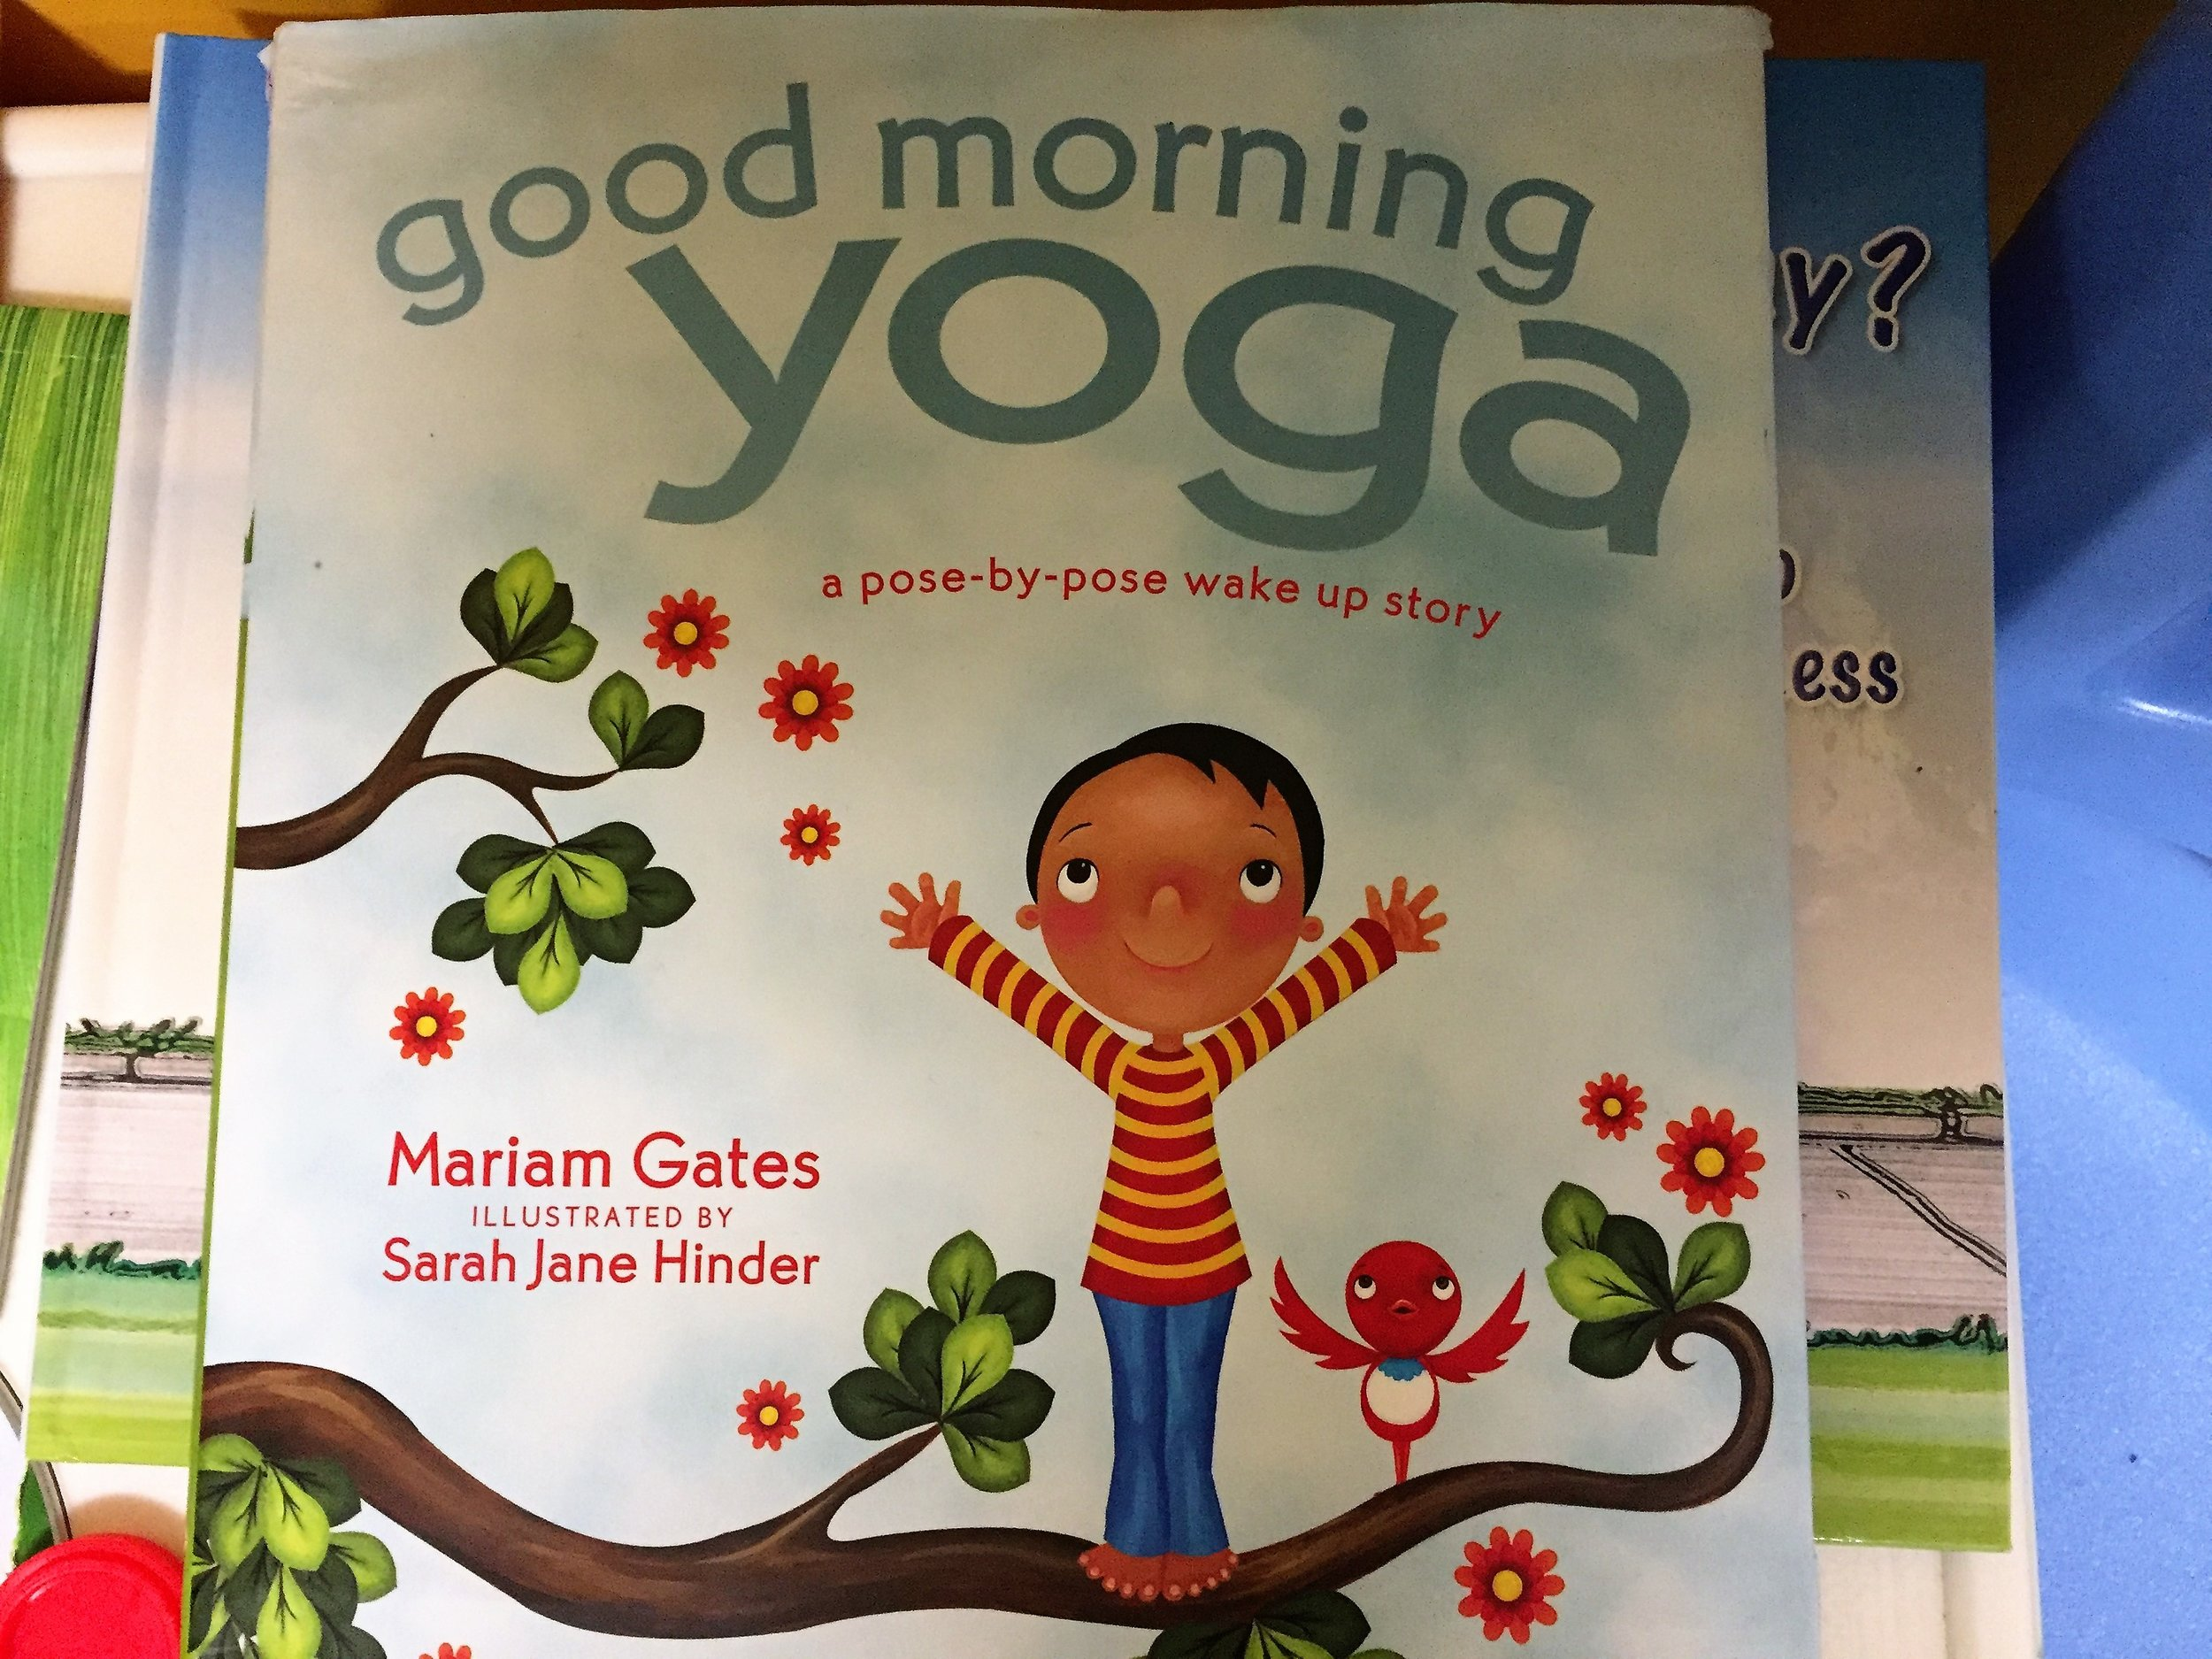 Good morning yoga .jpg